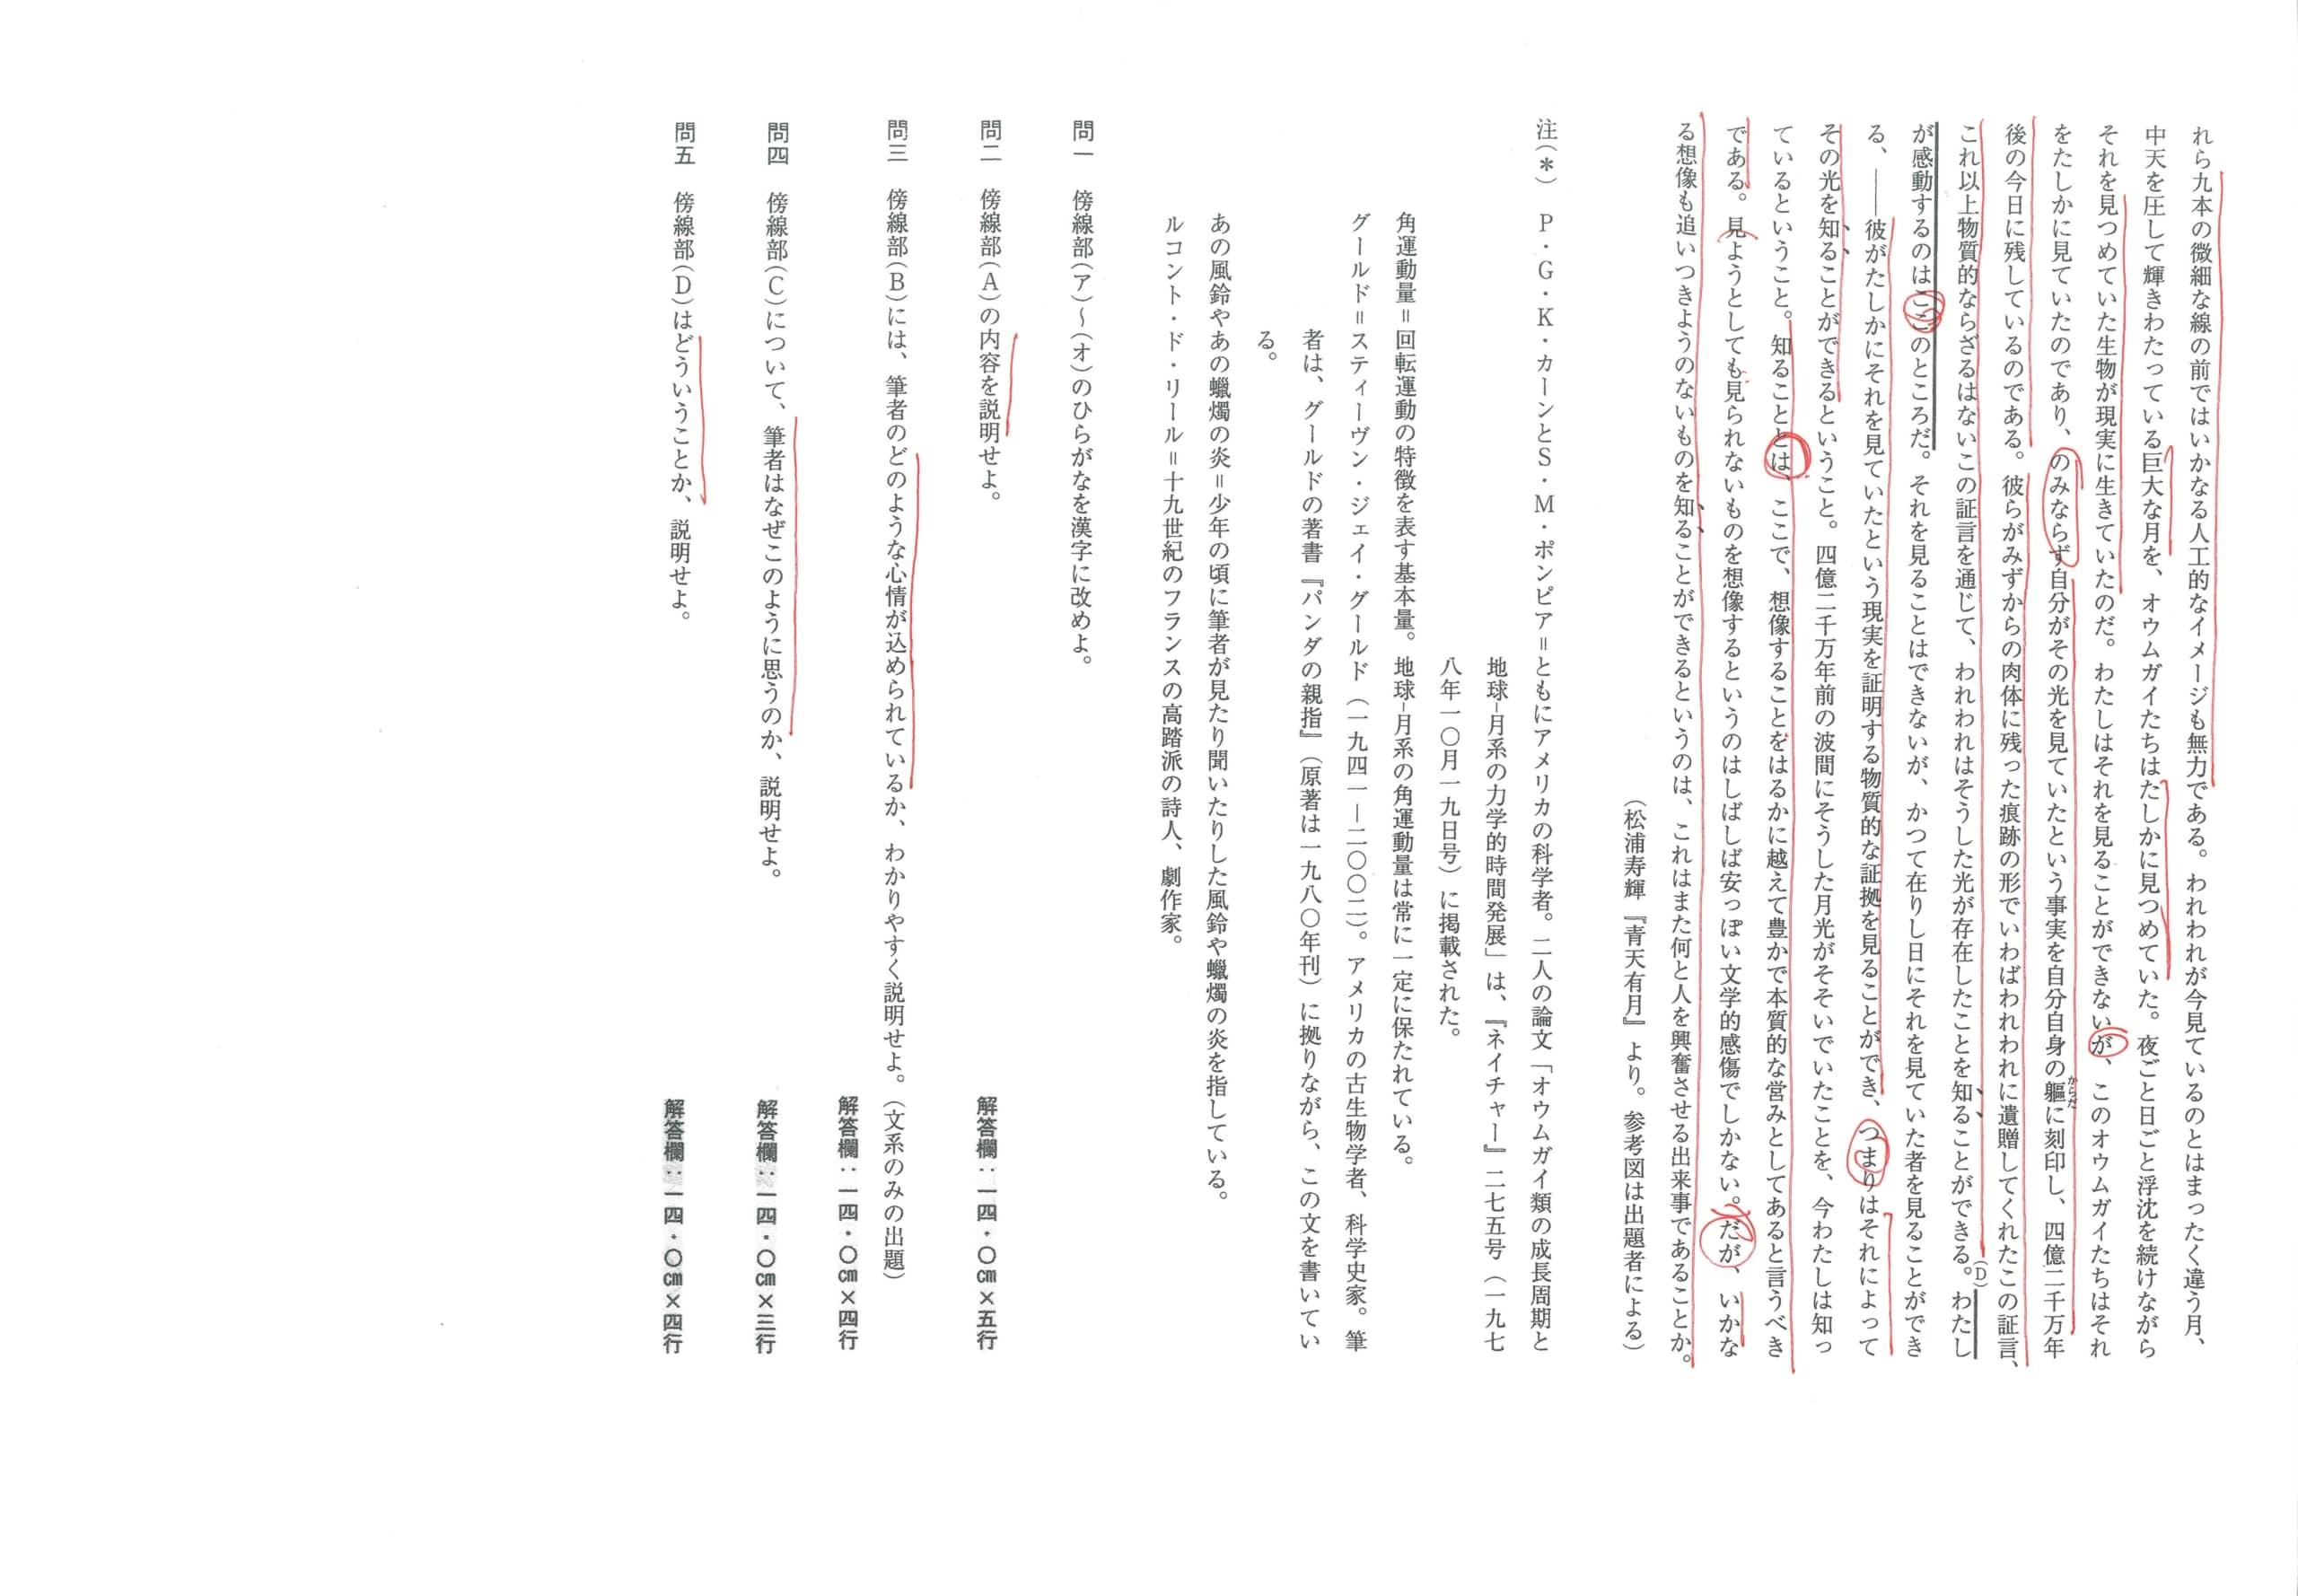 MX-M565FN_20190117_195312_002